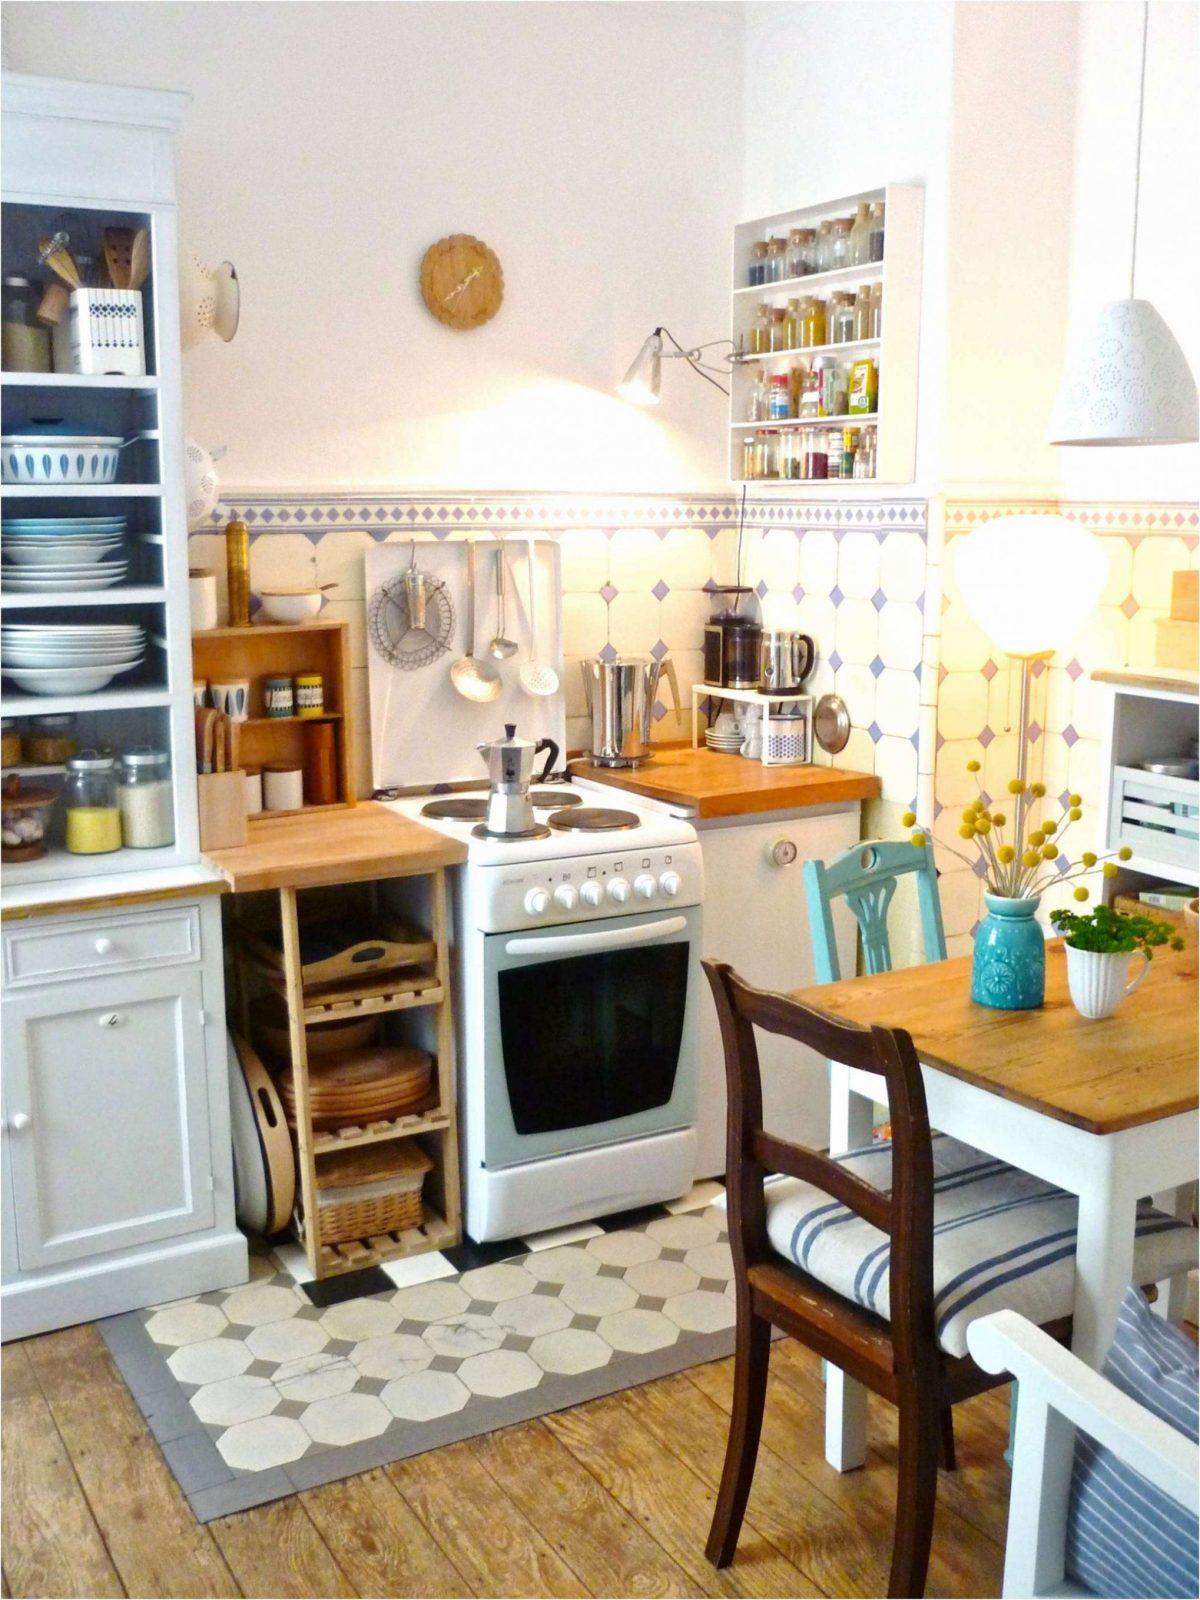 30 Quadratmeter Wohnung Mit 30 Qm Wohnung Einrichten Ikea Home Ideen von 1 Zimmer Wohnung Einrichten Ikea Bild